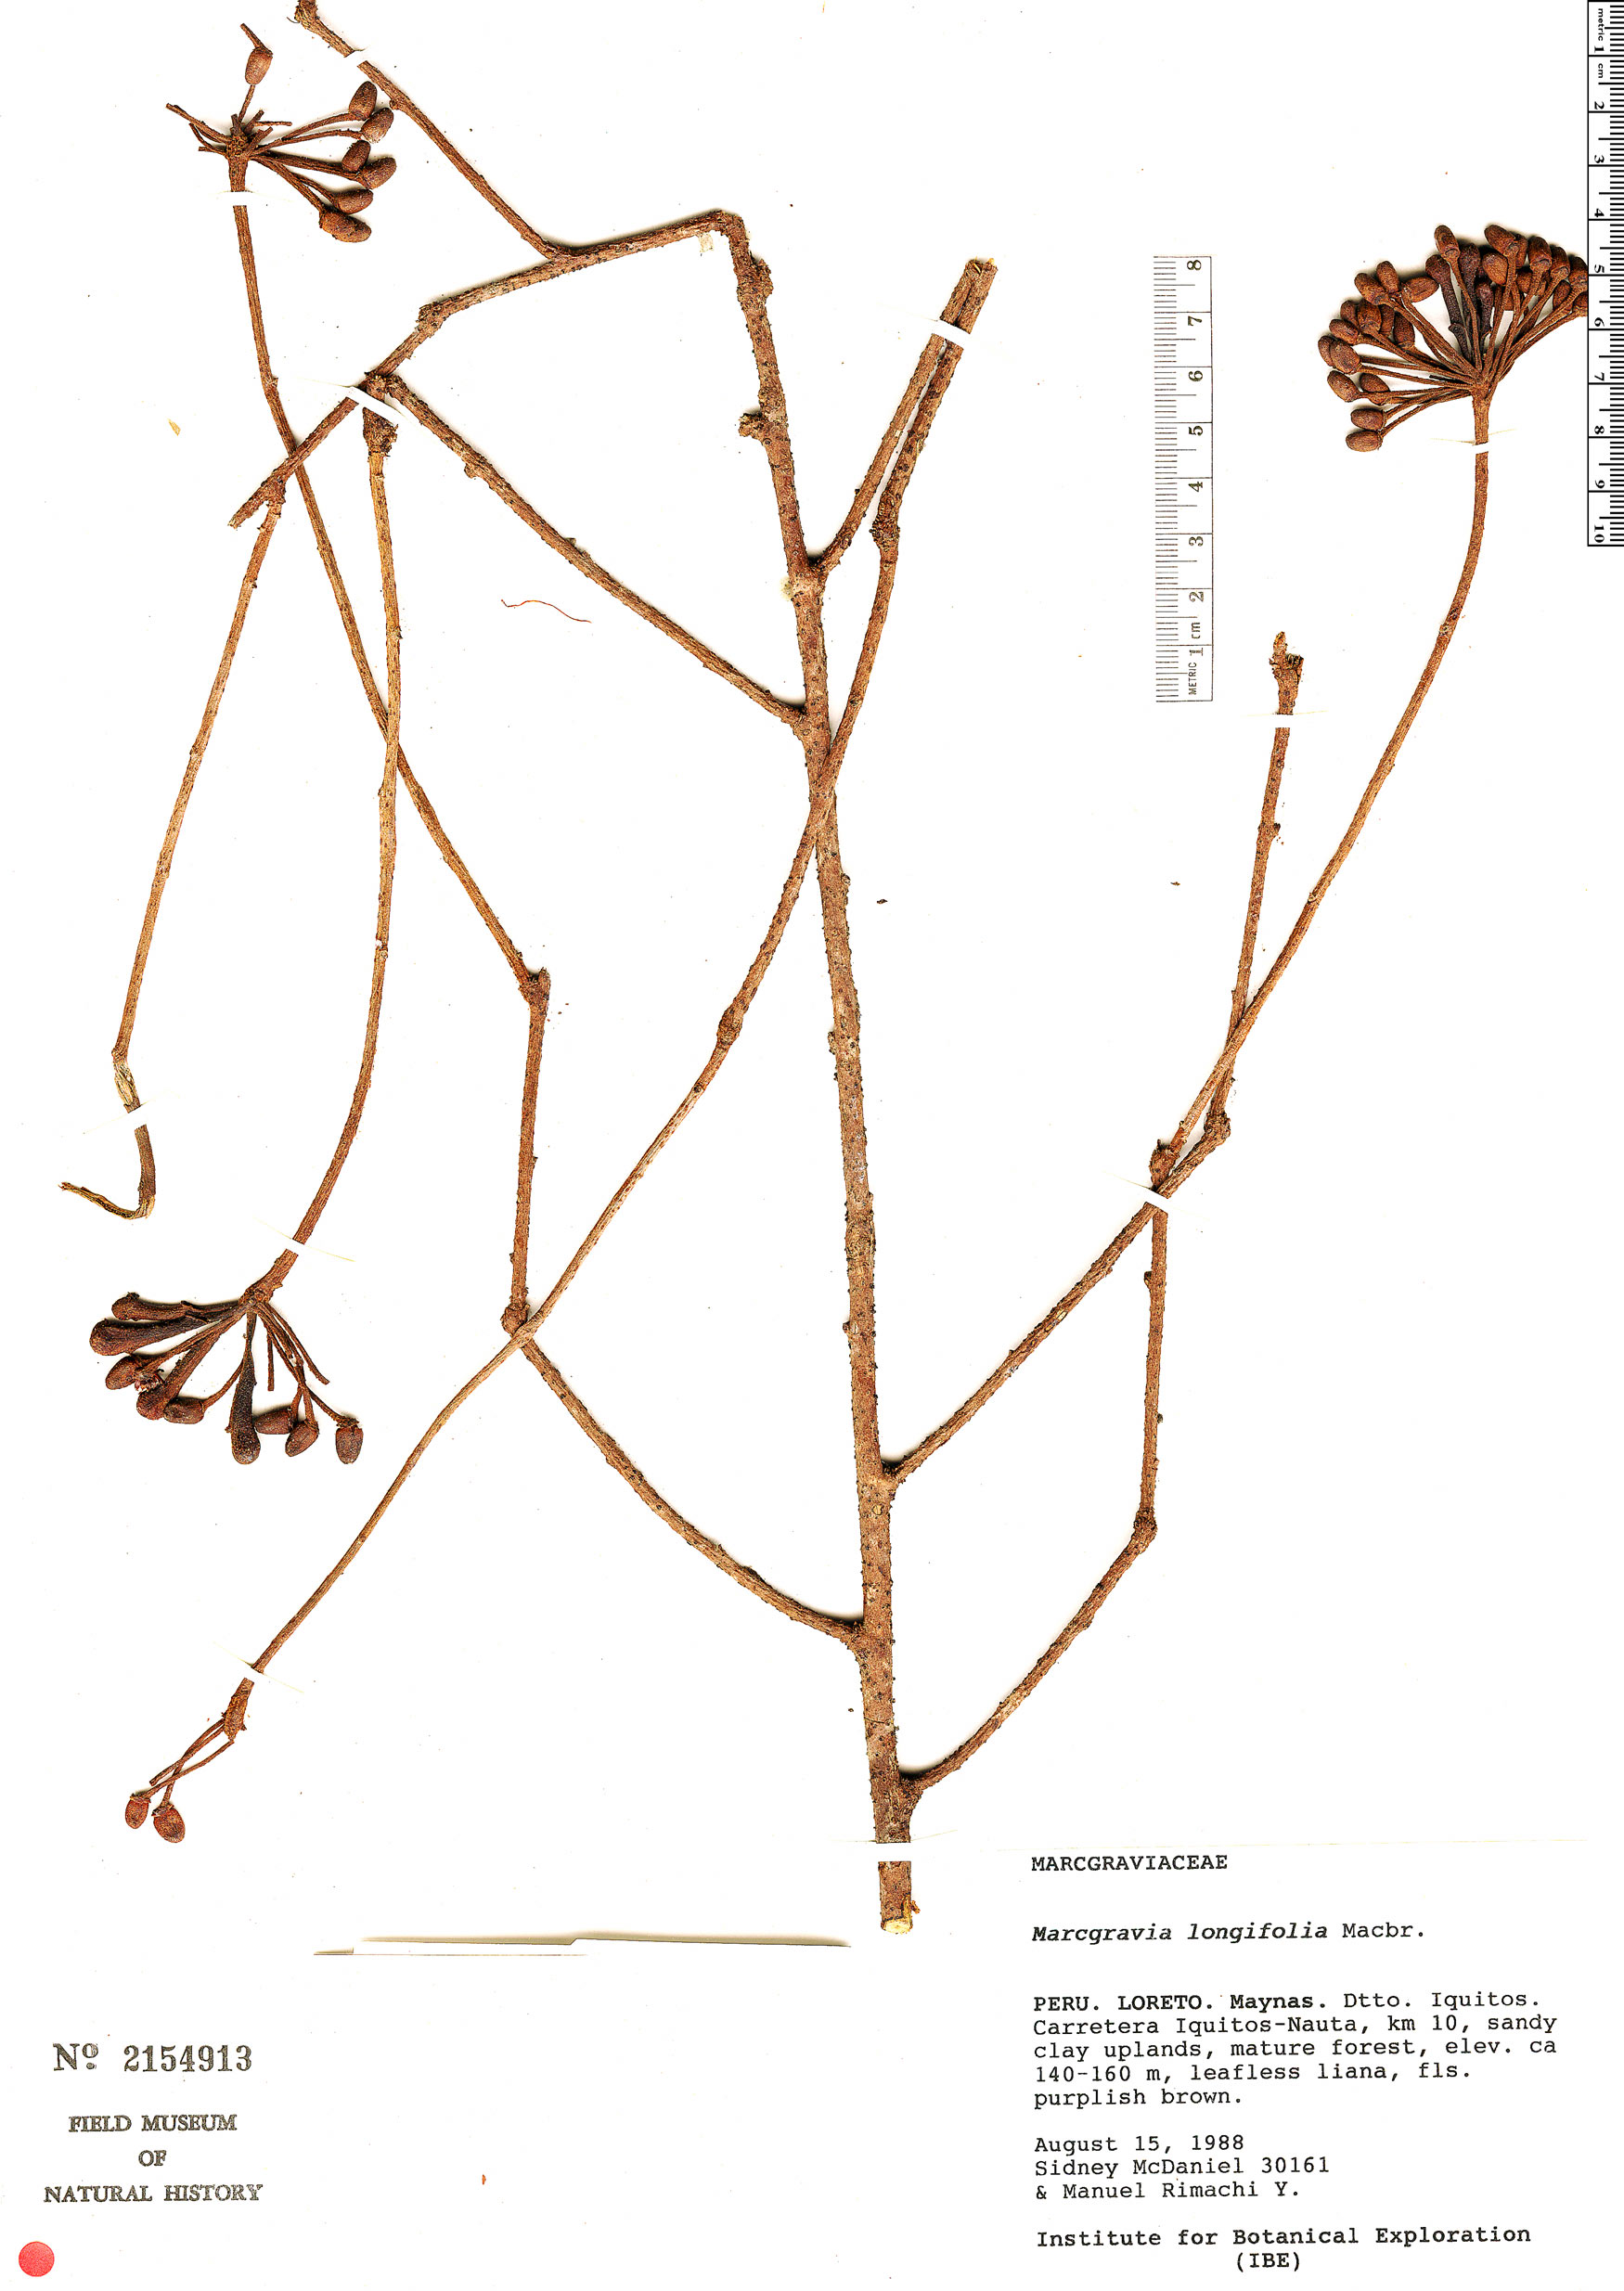 Specimen: Marcgravia longifolia